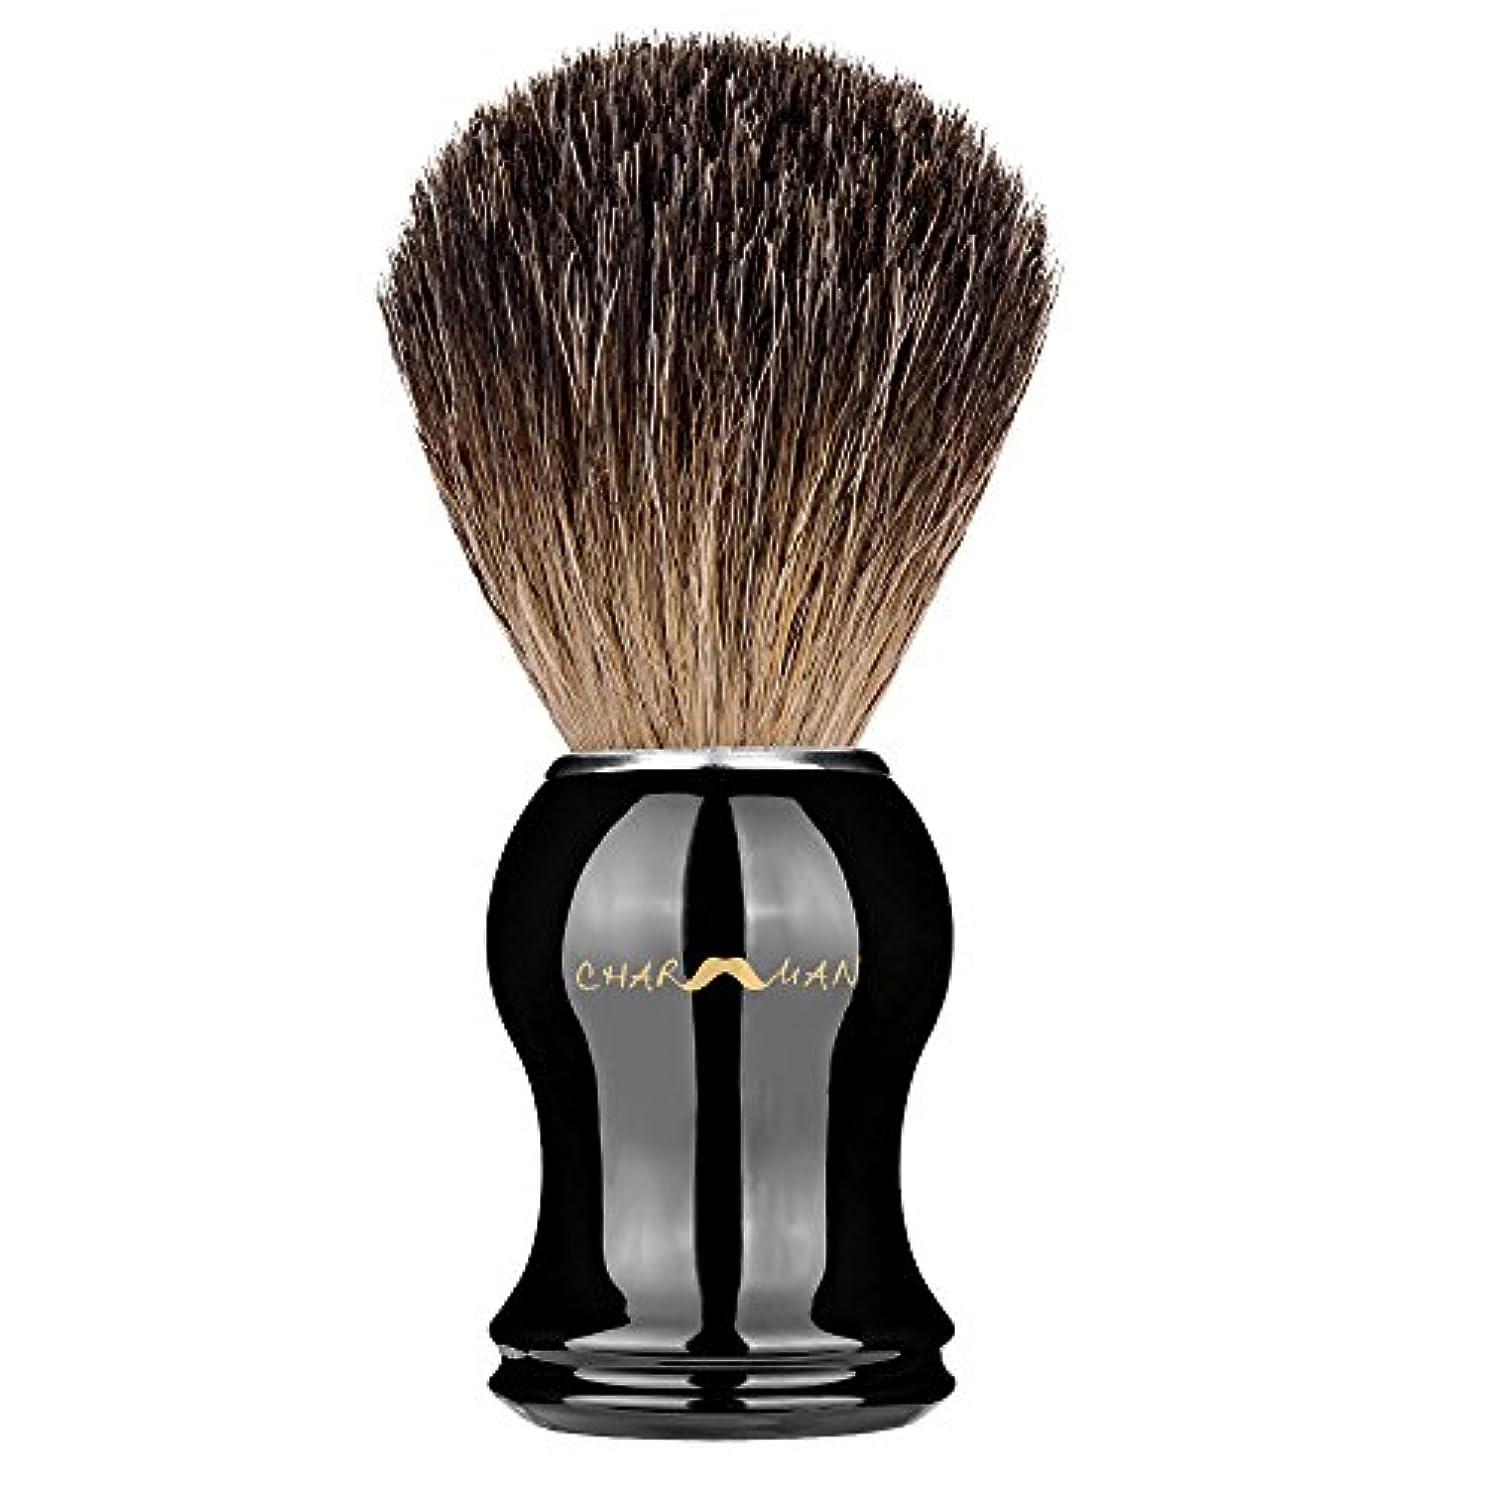 地味な再発する有用charmmanクラッシク100%アナグマ毛シェービングブラシ ハンドメイド ギフト包装